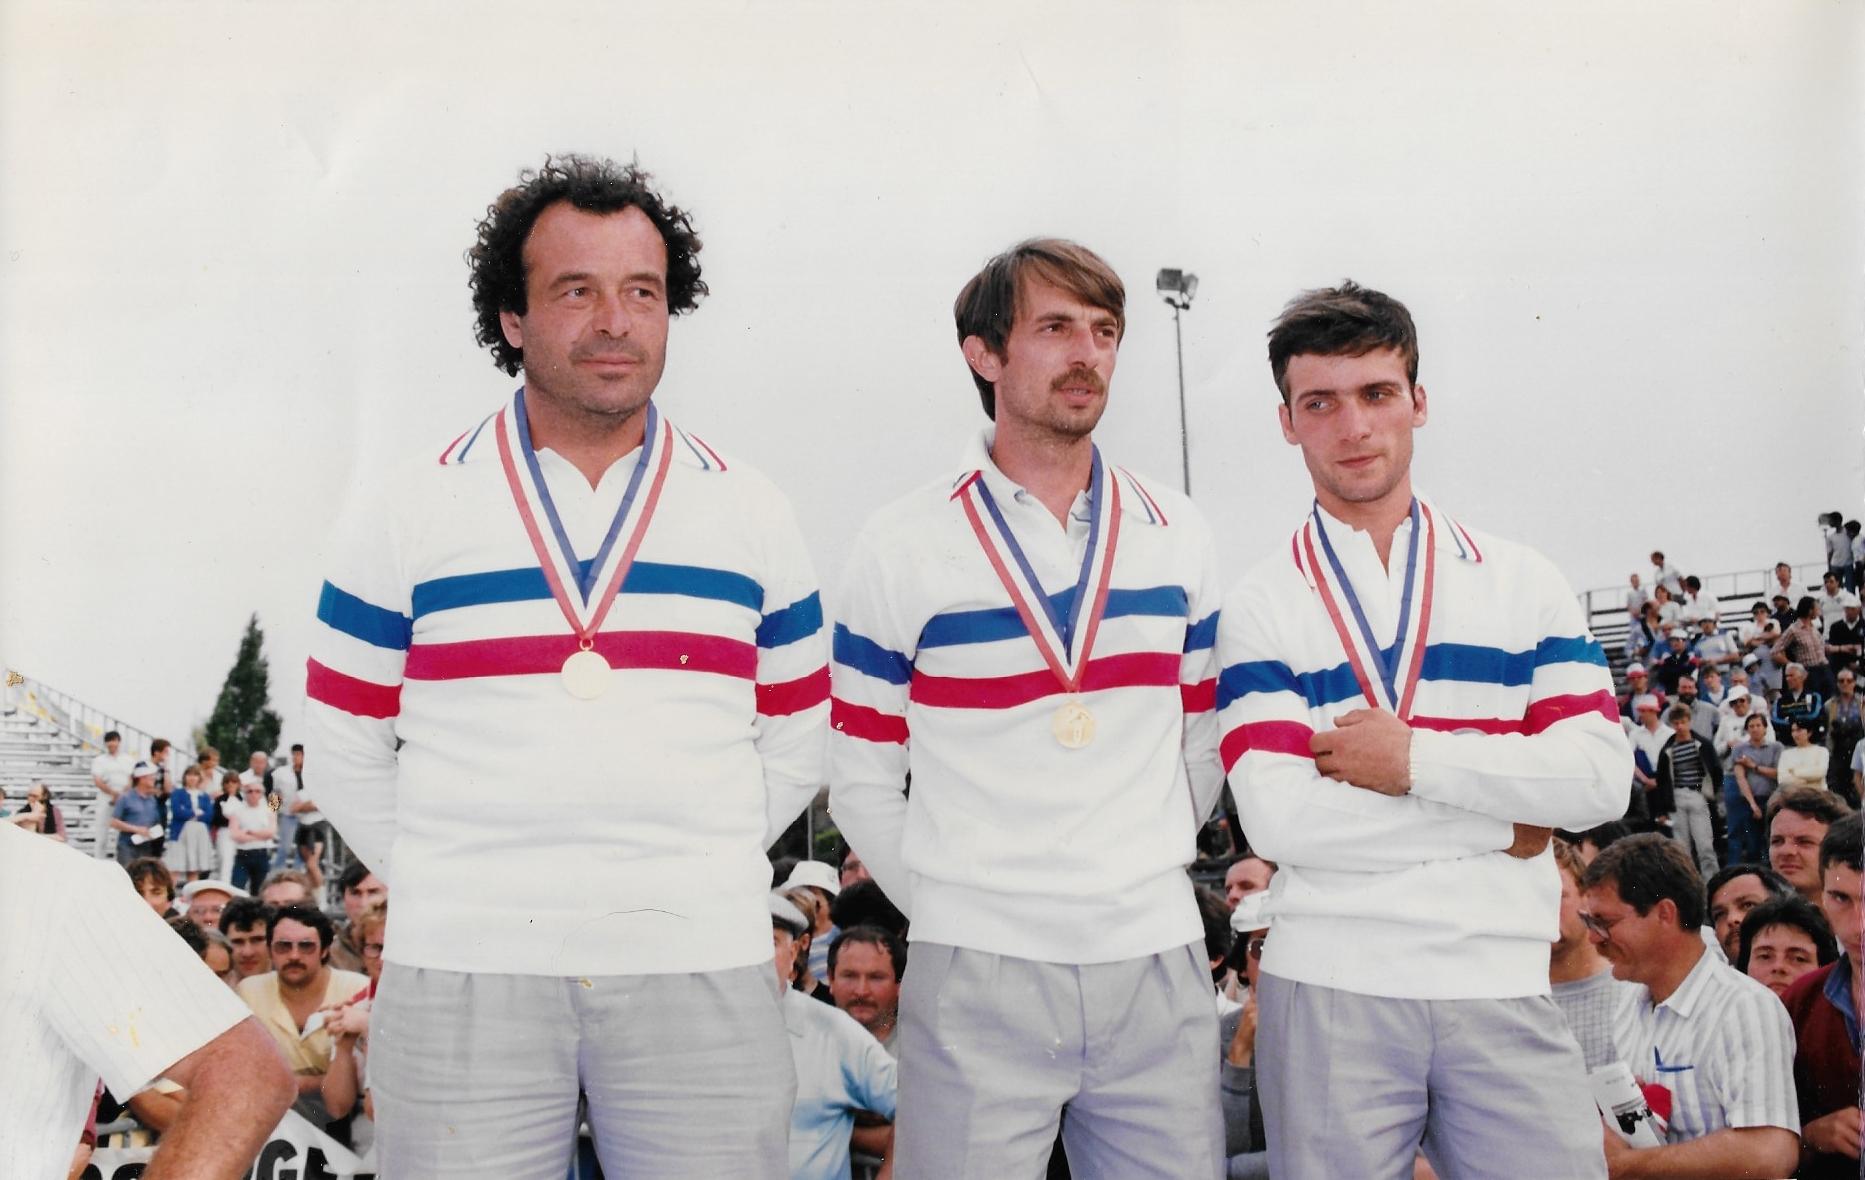 Concours départemental au C.B. ROCHEVILLE dans les années 80 avec de gauche à droite BOLLARO-ZIMMERMAN-MELISSANO-TINI-BLONDEAU-ARCOLAO-ZANTE